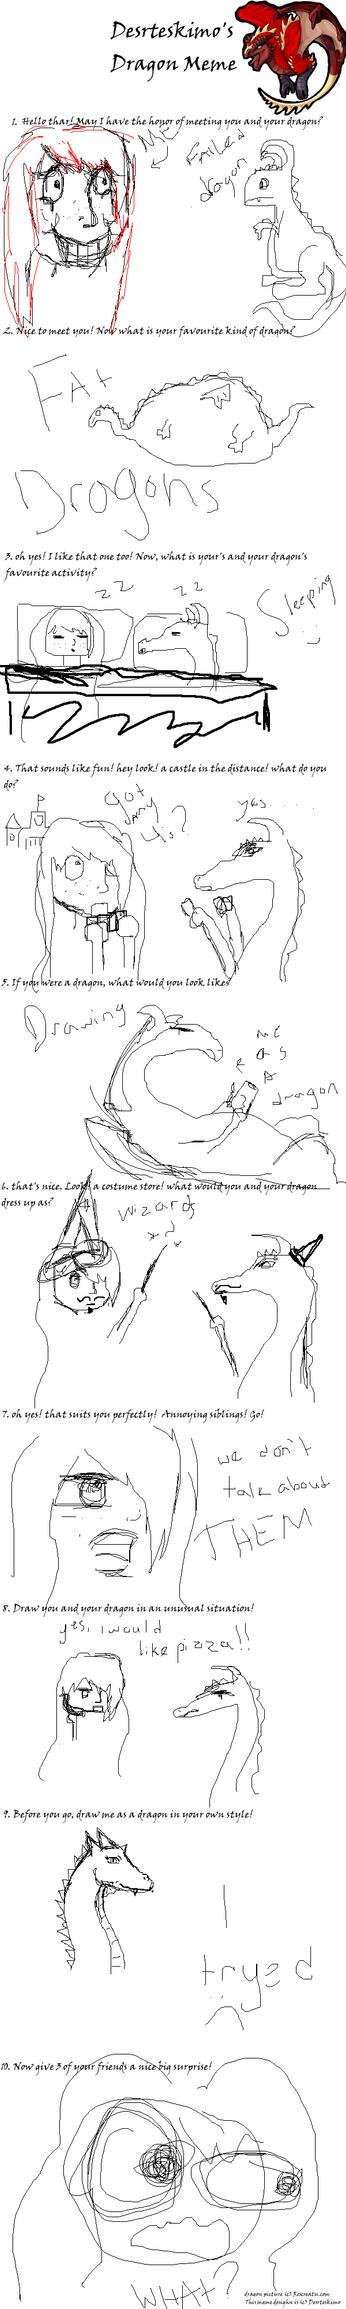 Dragon Meme by You-Got-A-Problem